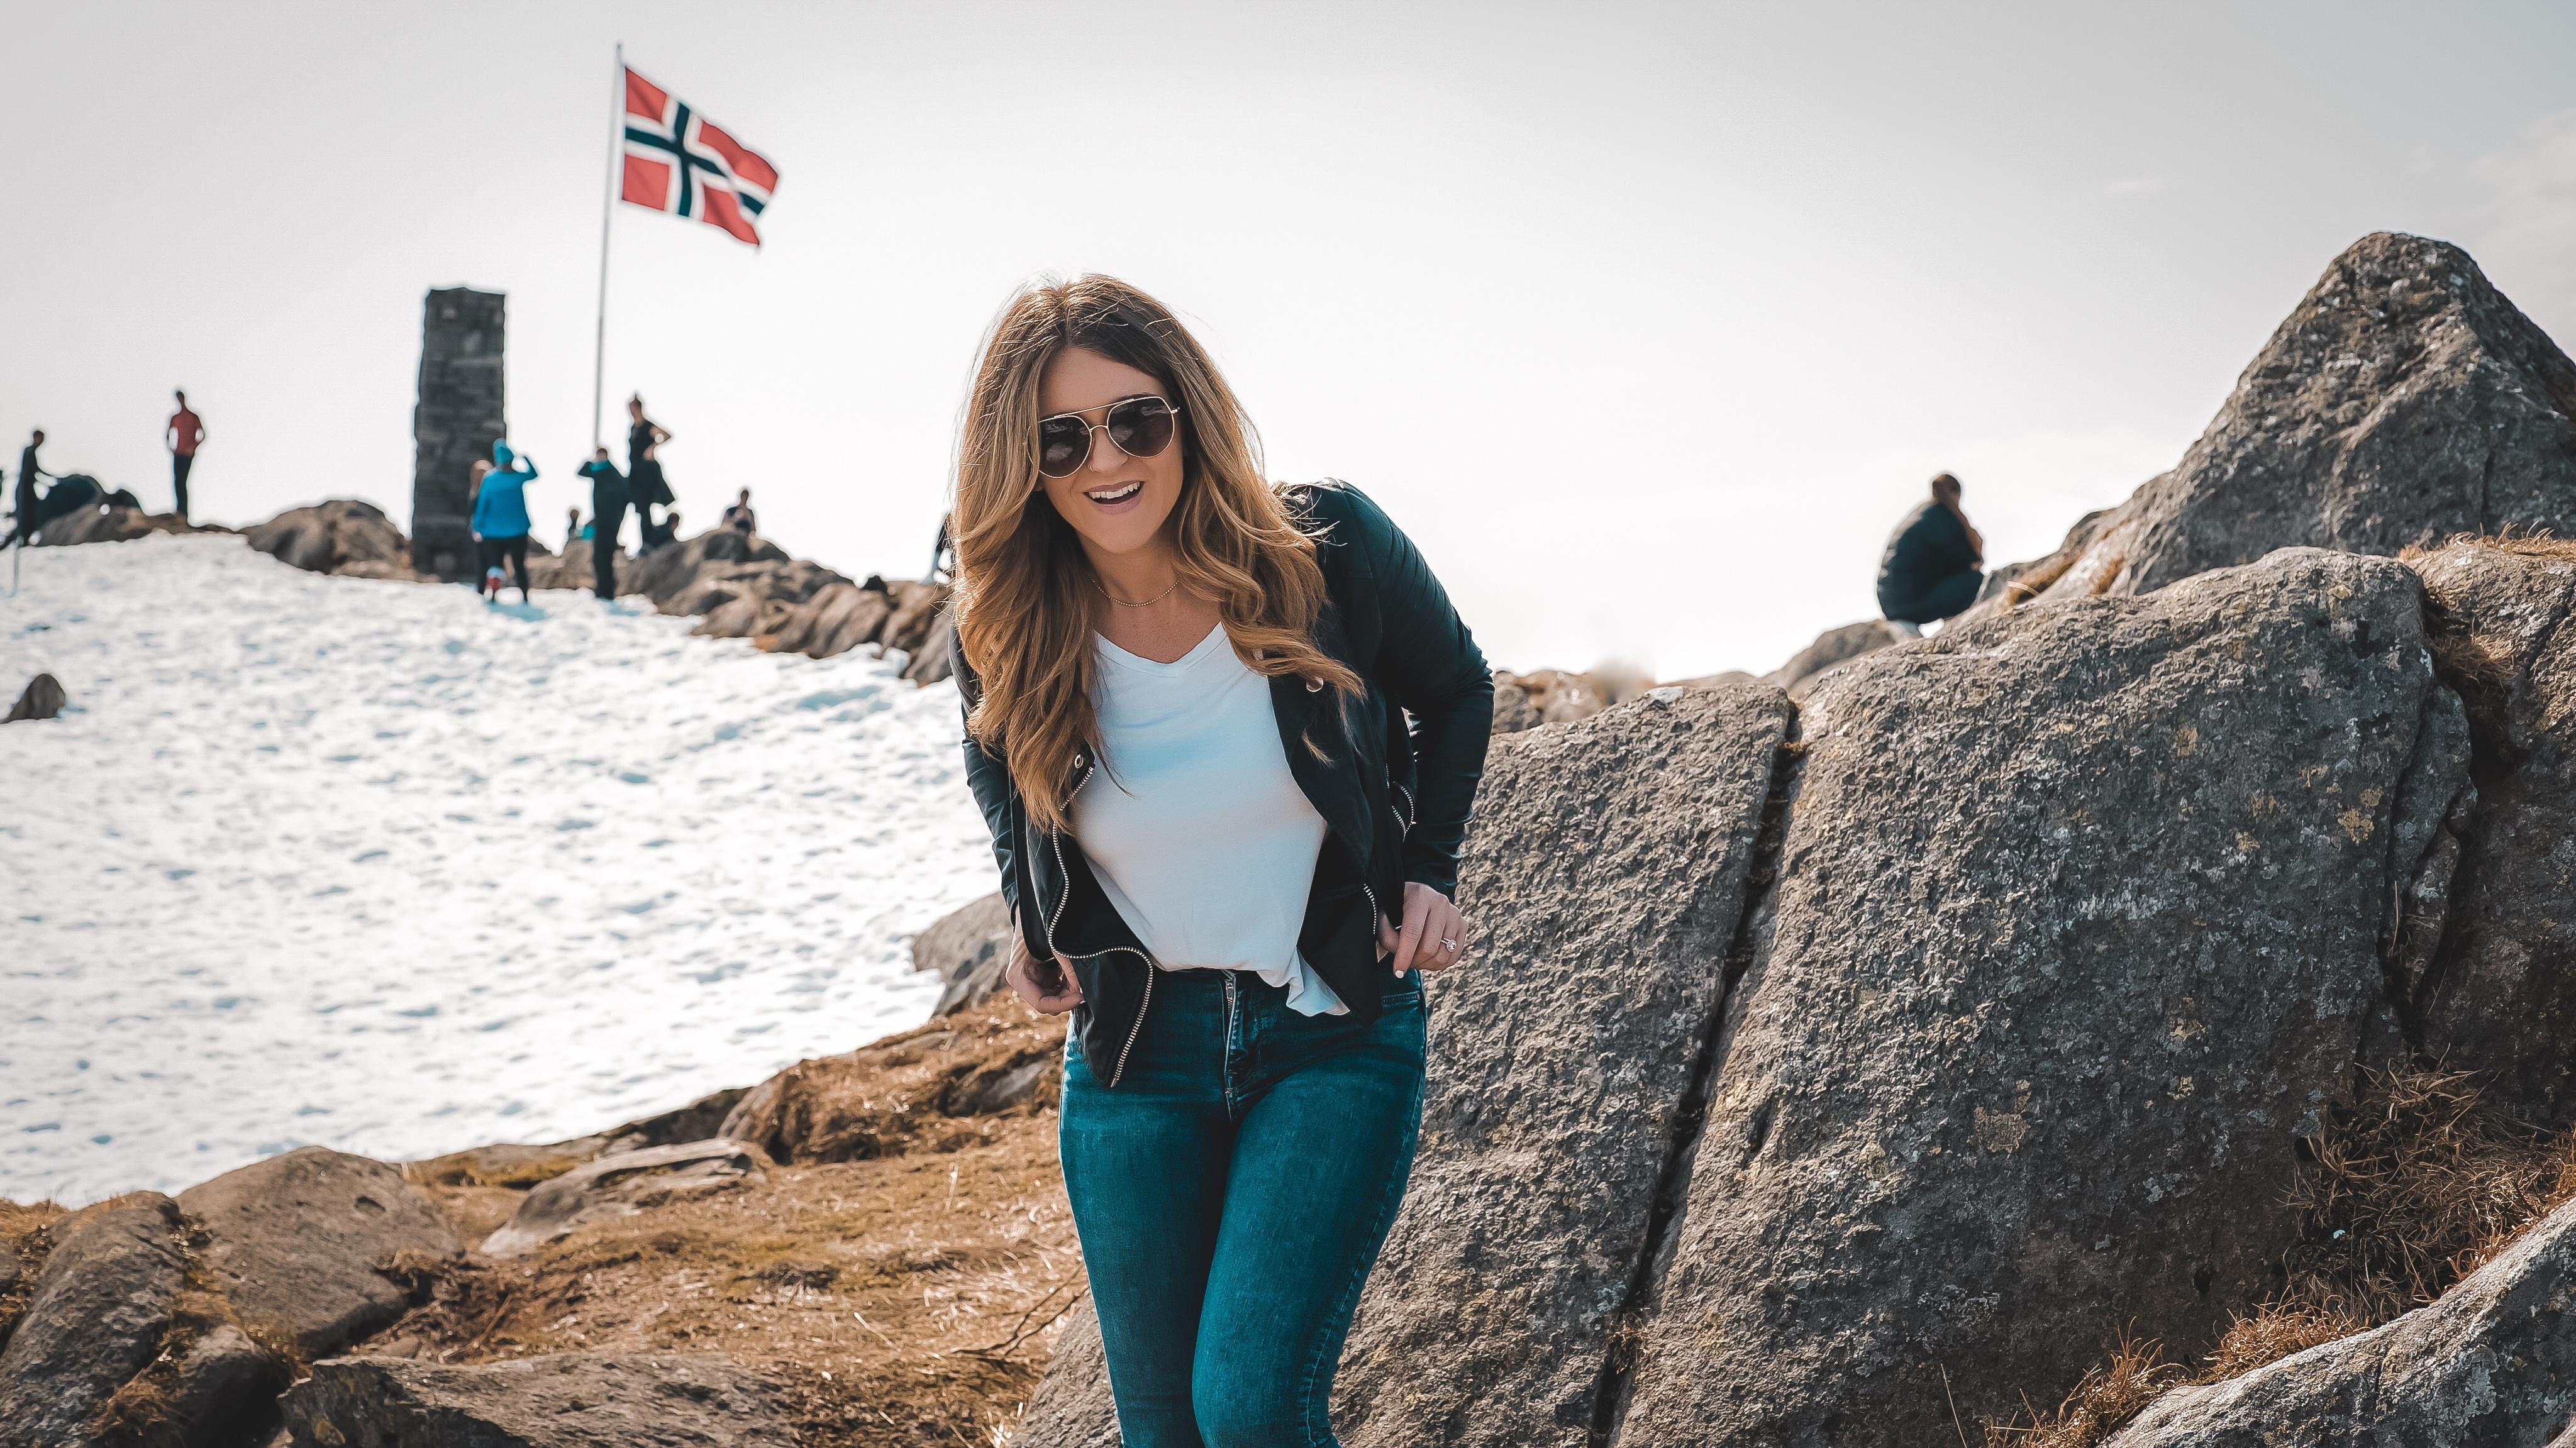 Ulriken Bergen Norway